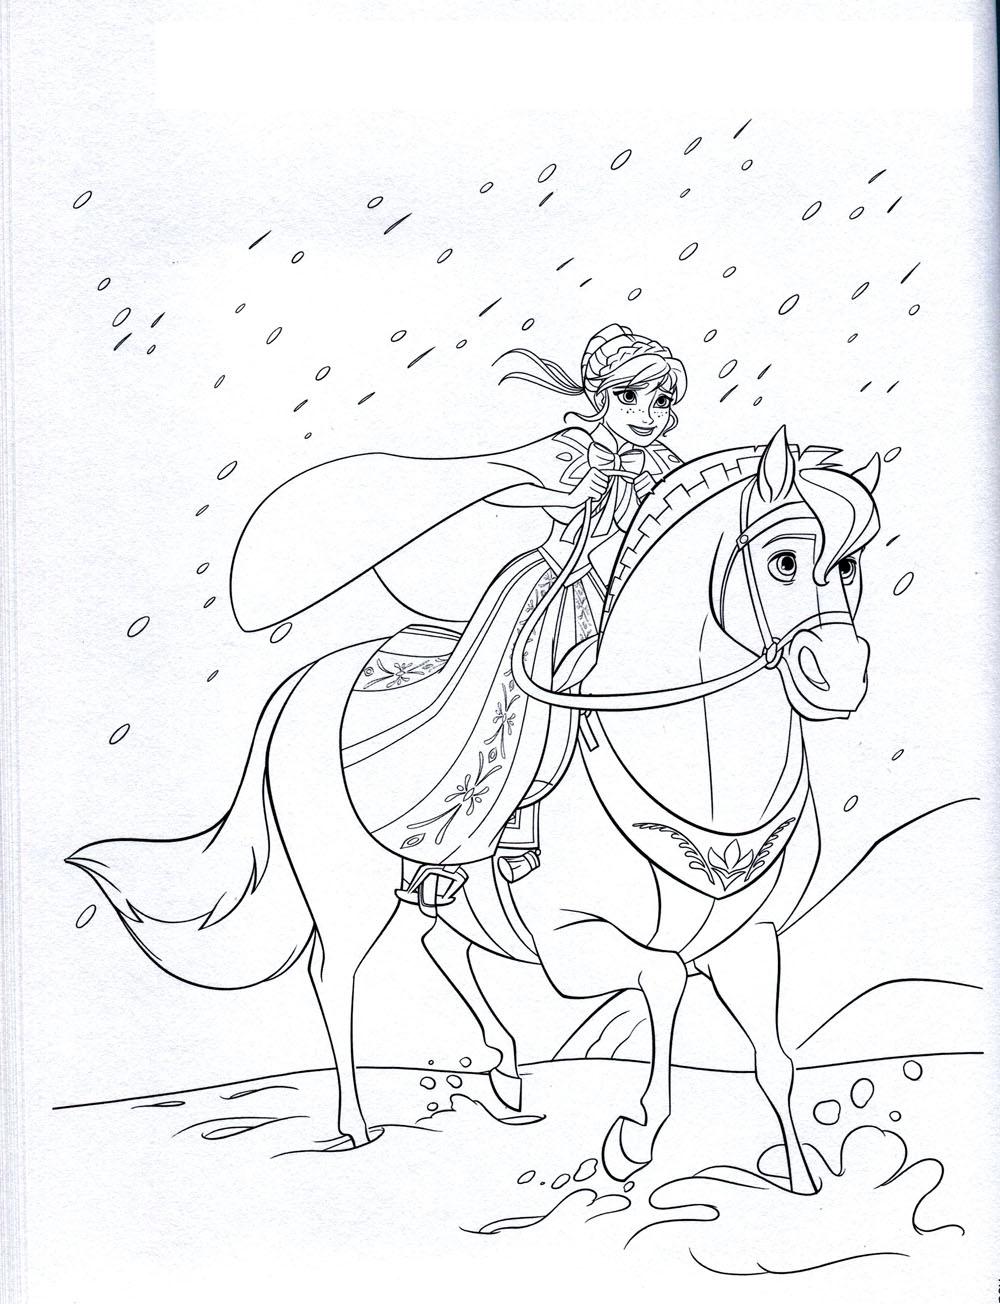 La Reine Des Neiges Disney 8 - Coloriage La Reine Des Neiges avec Jeux De Coloriage De Cheval